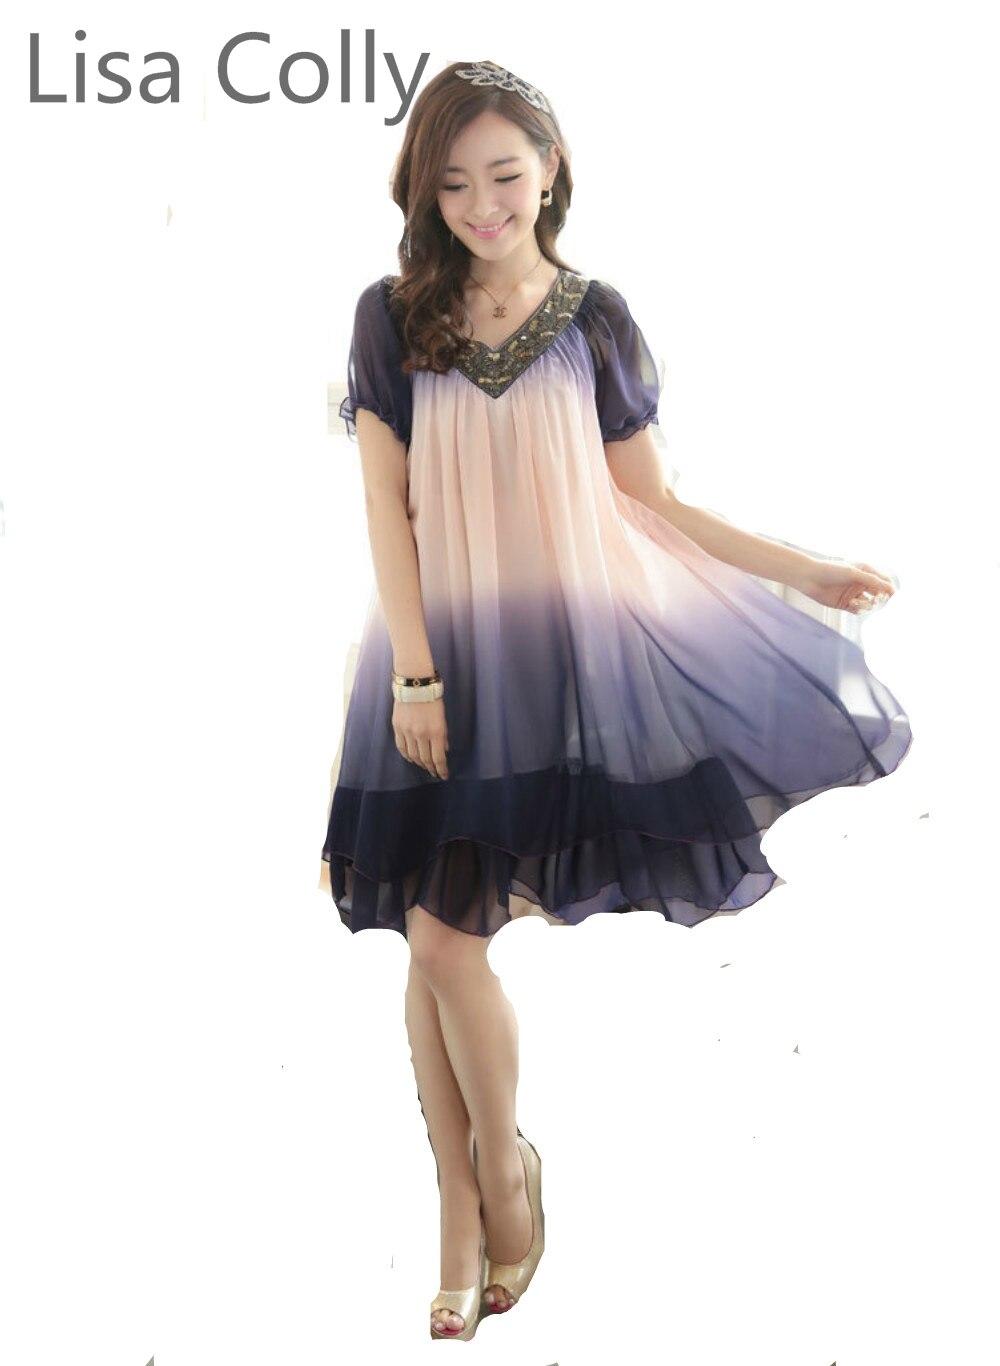 Lisa colly alta calidad vestido de festa mujeres otoño dress, gradiente loose ga